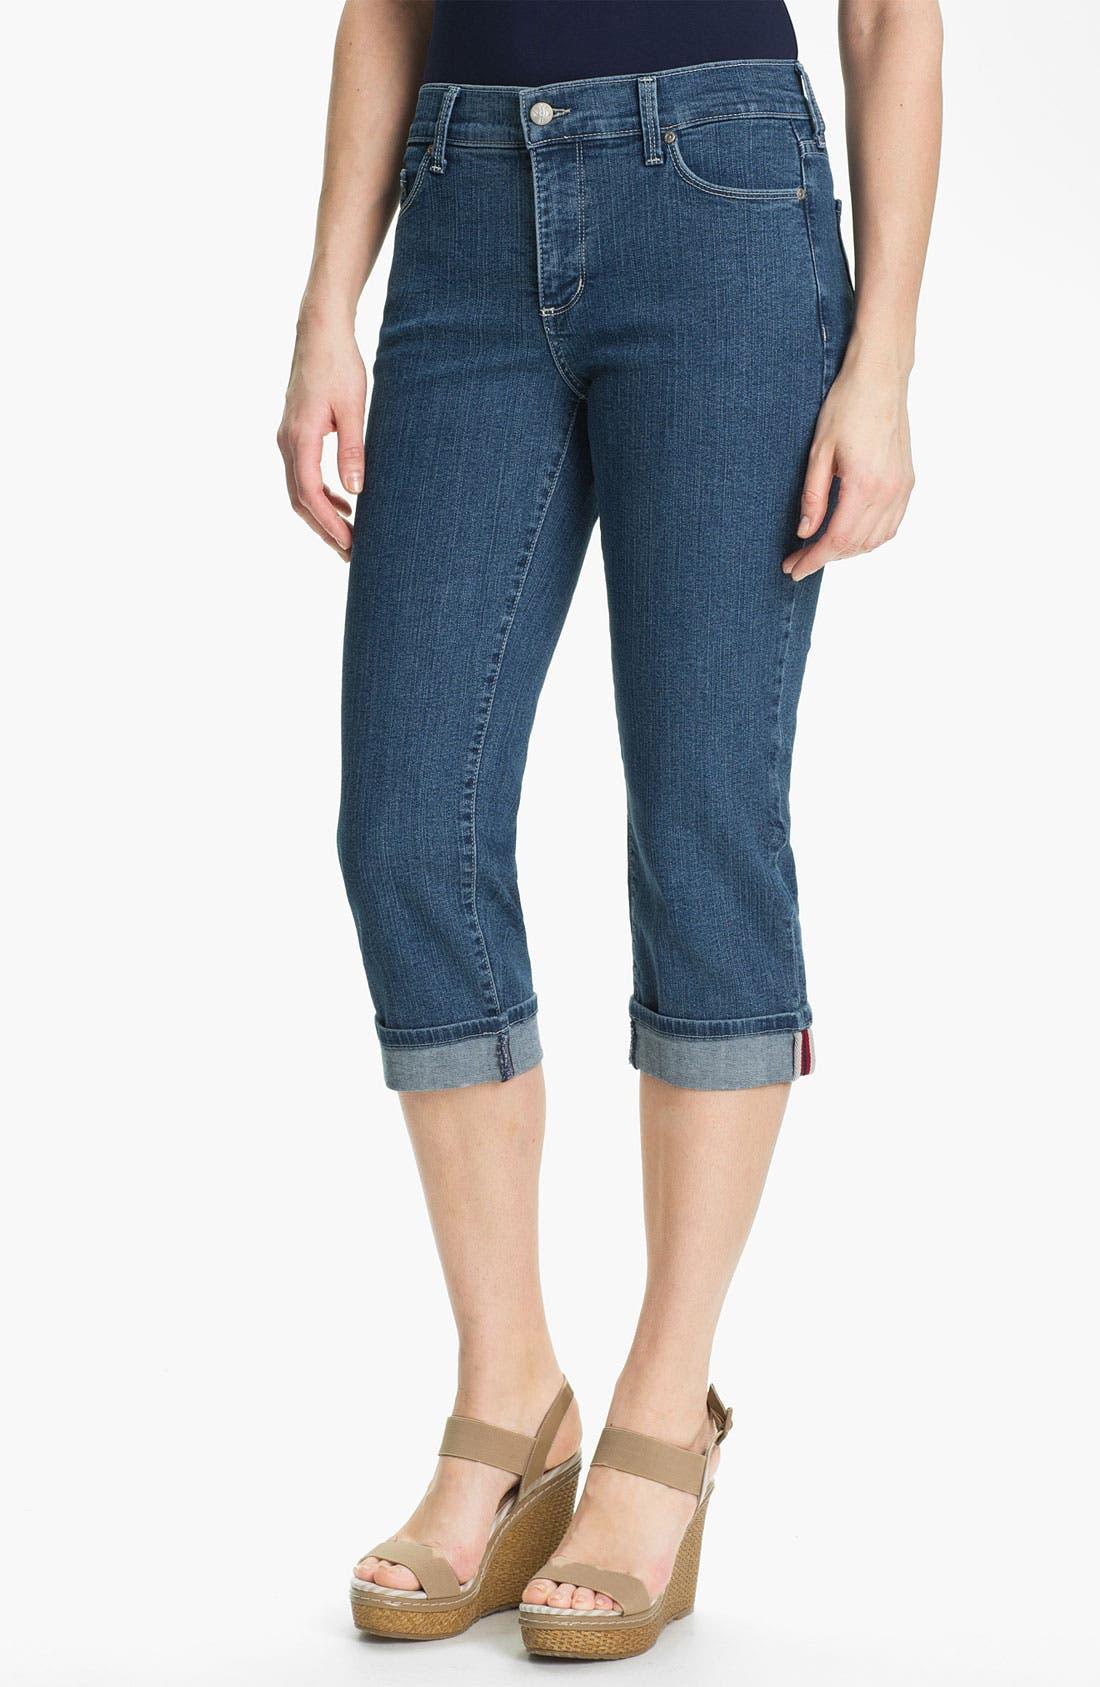 Main Image - NYDJ 'Edna' Cuff Crop Jeans